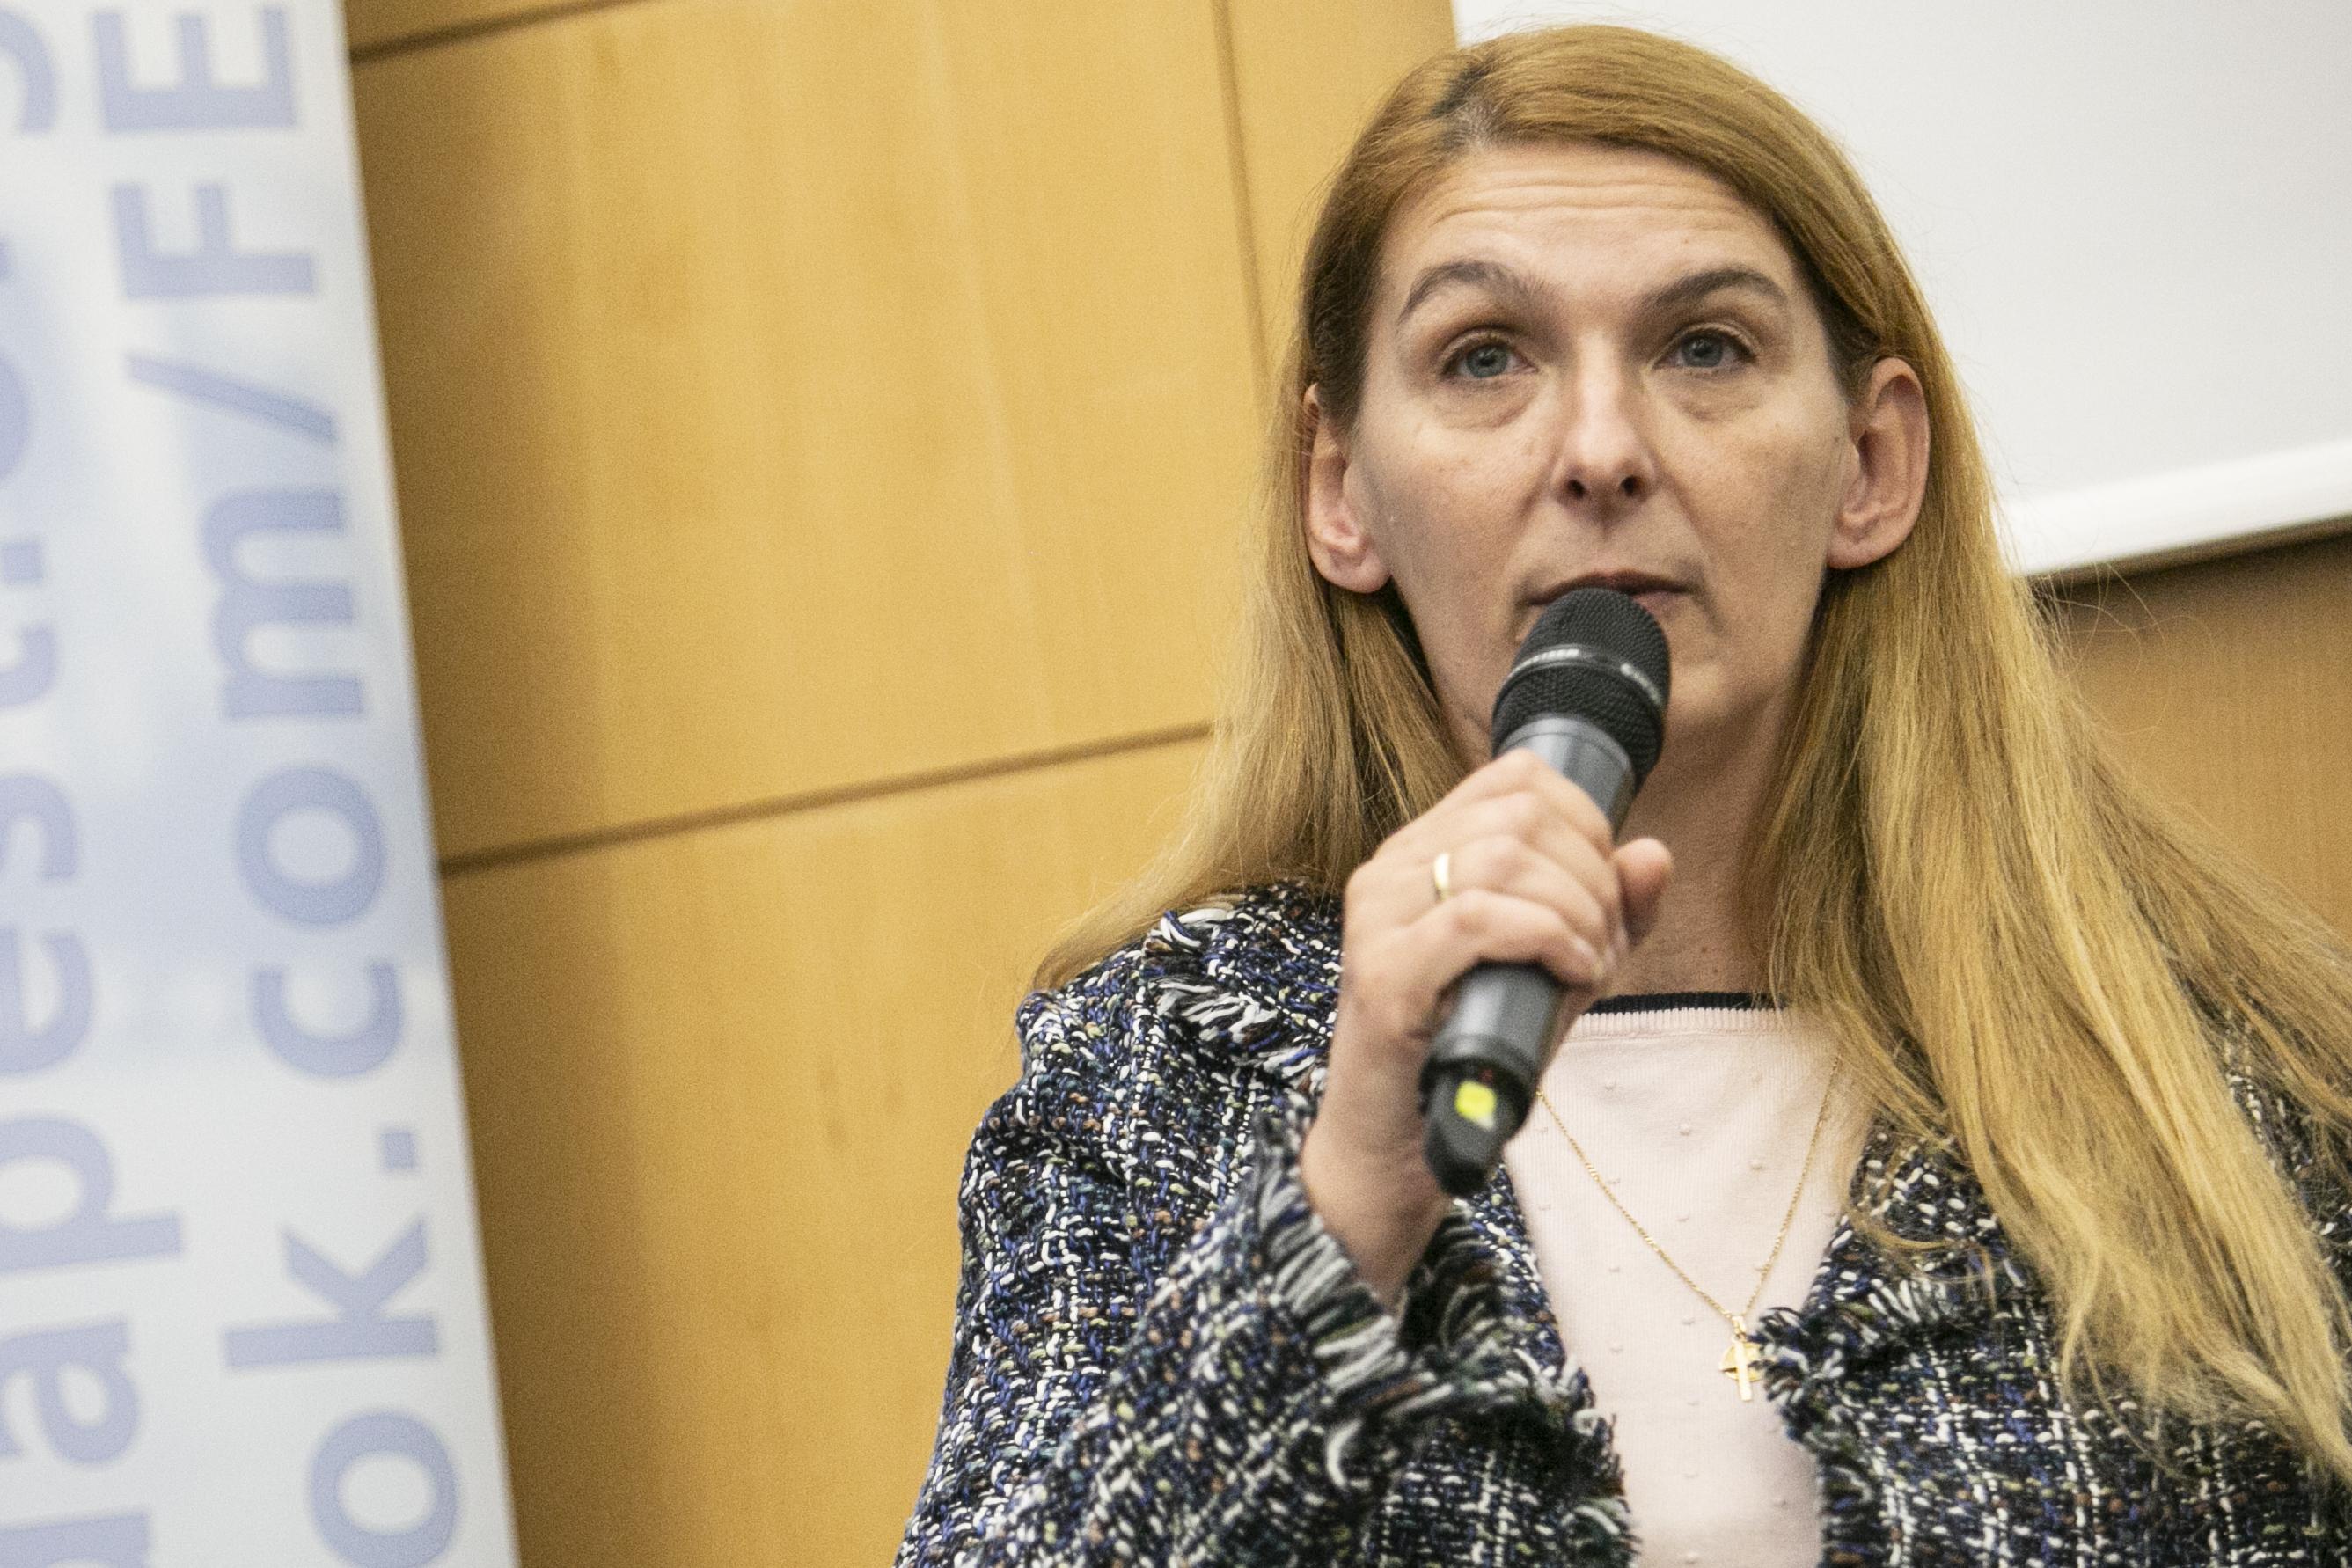 Baranyi Krisztina védett lakásokat jelöl ki Ferencvárosban a családon belüli erőszak áldozatainak